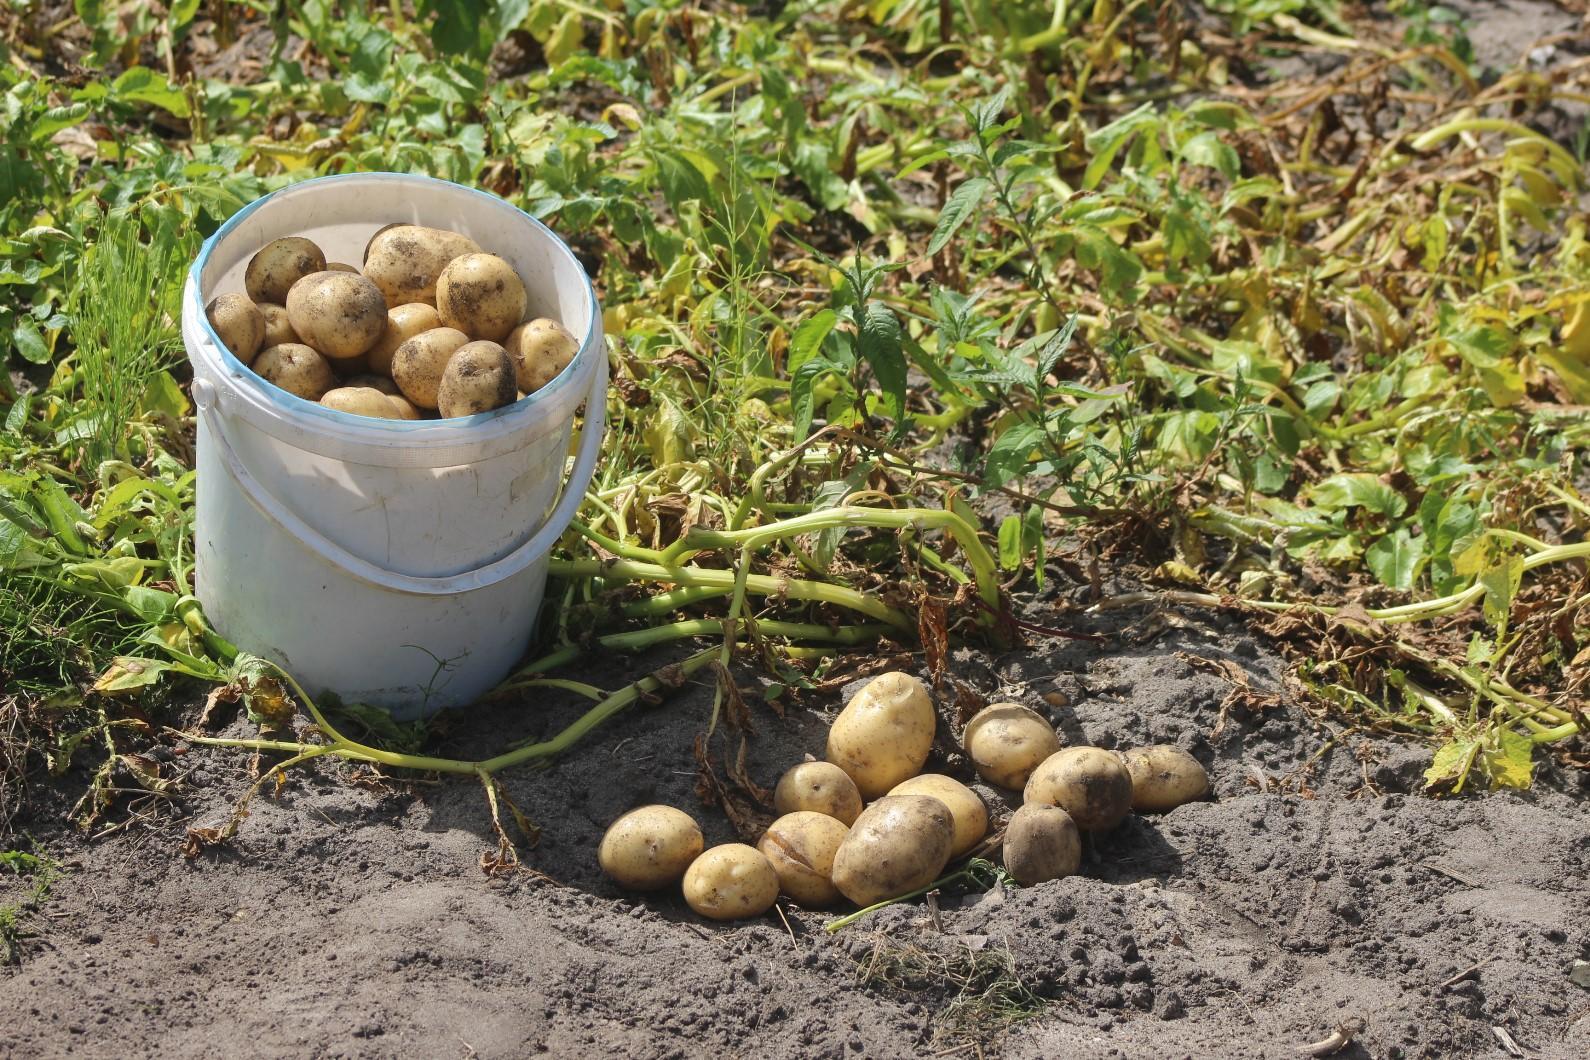 Frühkartoffeln bringen in diesem Jahr trotz Trockenheit im Lausitzer Sandboden gute Erträge und schmecken hervorragend, hier auf einer kleinen Parzelle in Lindenau (Bildautor: Rudolf Kuper)